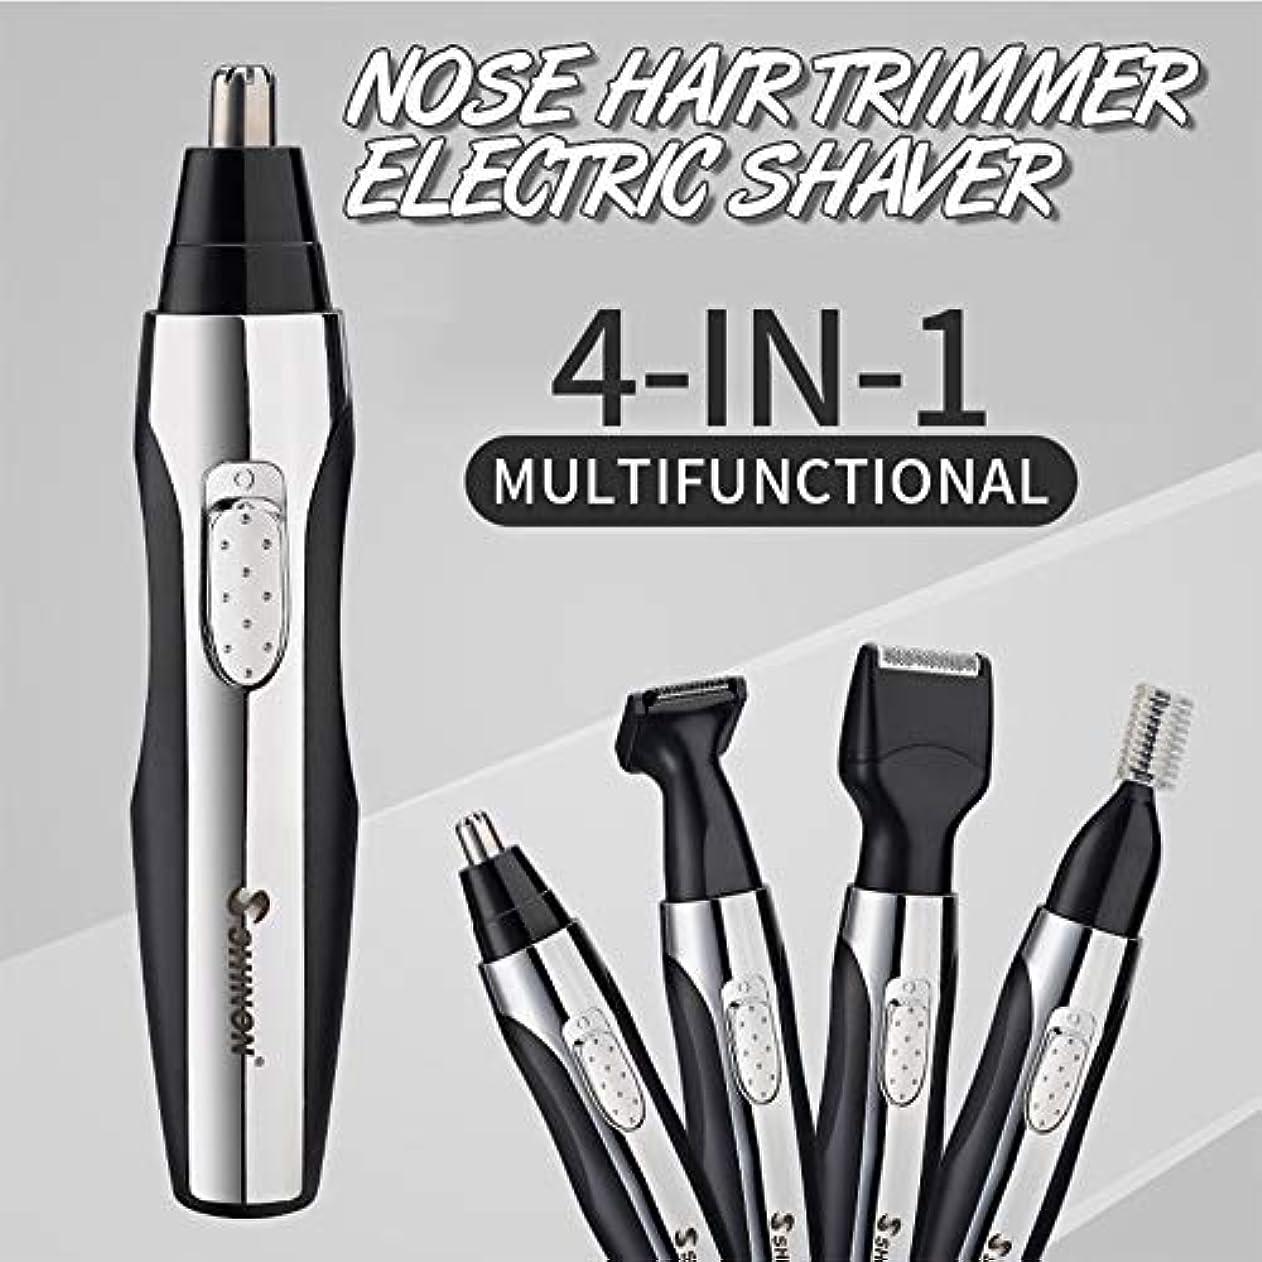 寄稿者全部基本的な4-in-1ミニメンズノーズヘアトリマー多機能クリーナー電気シェーバー、安全で痛みのないトリミング、低ノイズ